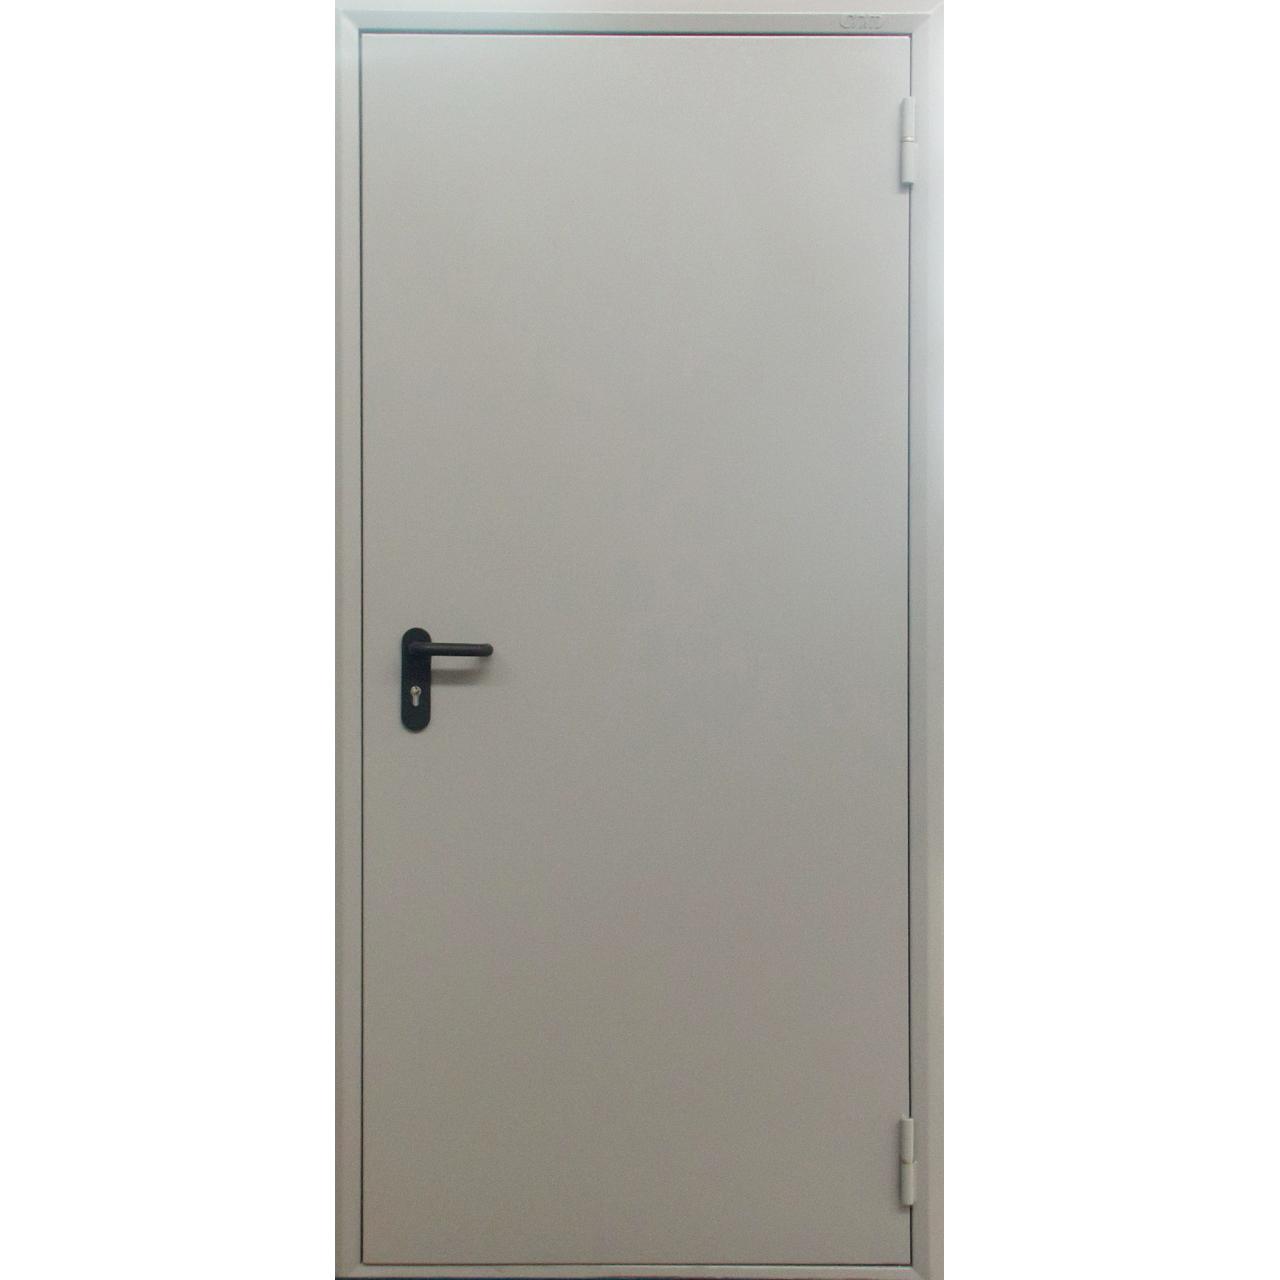 Металлическая противопожарная дверь 60 минут ДПМ-60-01